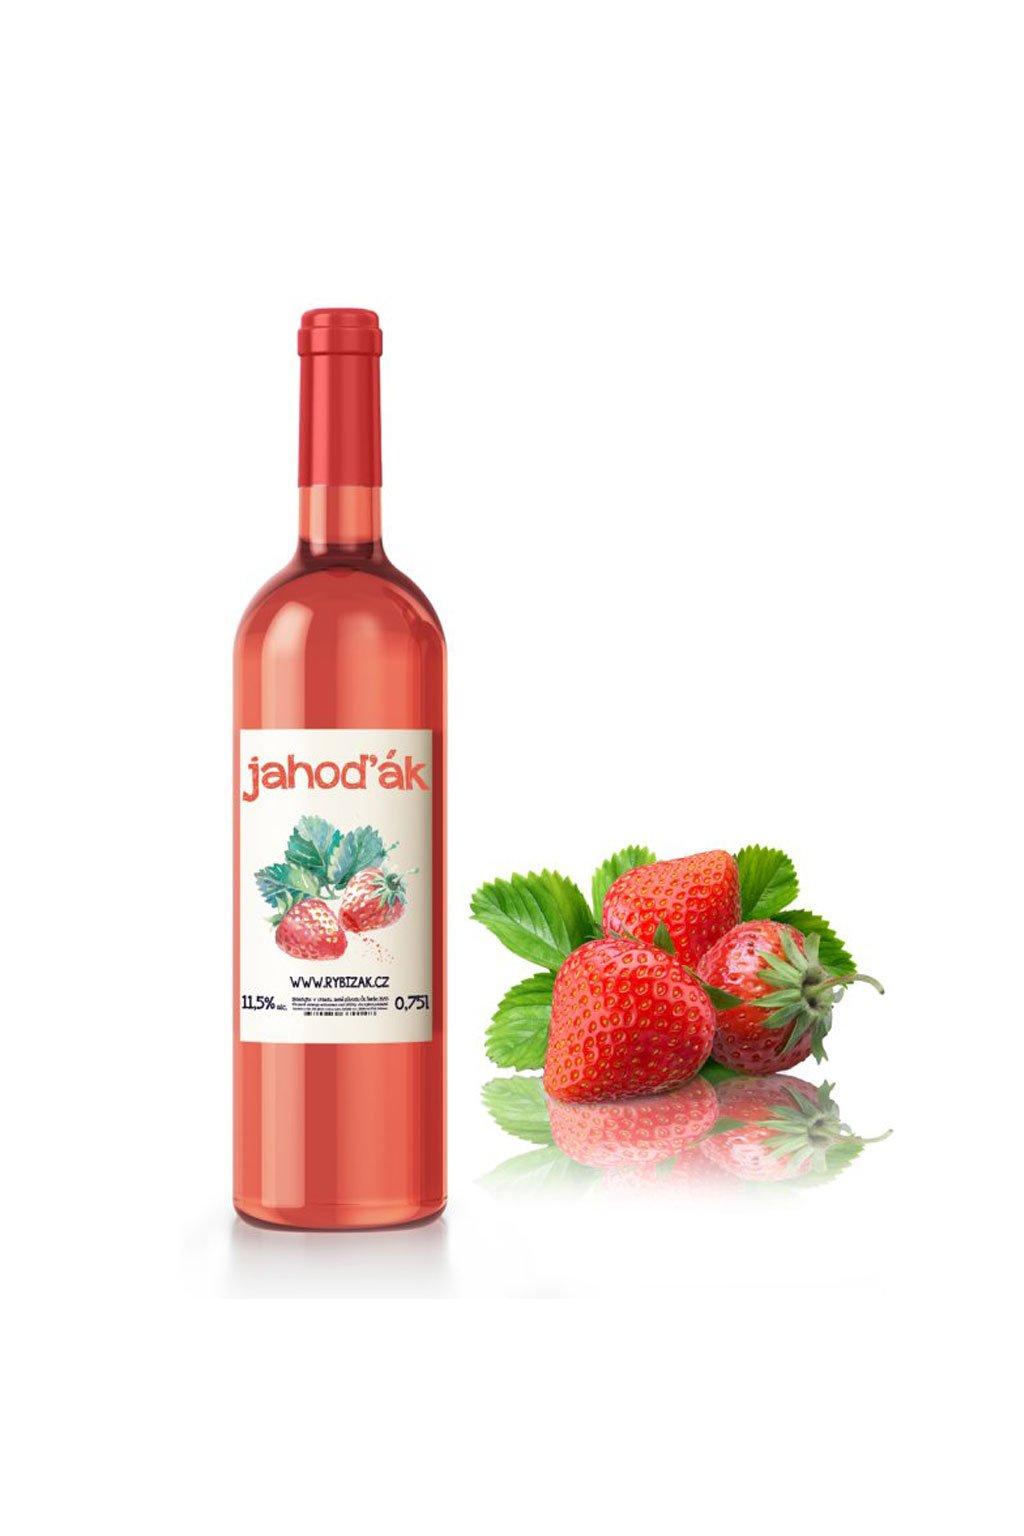 Jahoďák ovocné víno Gurmetéka